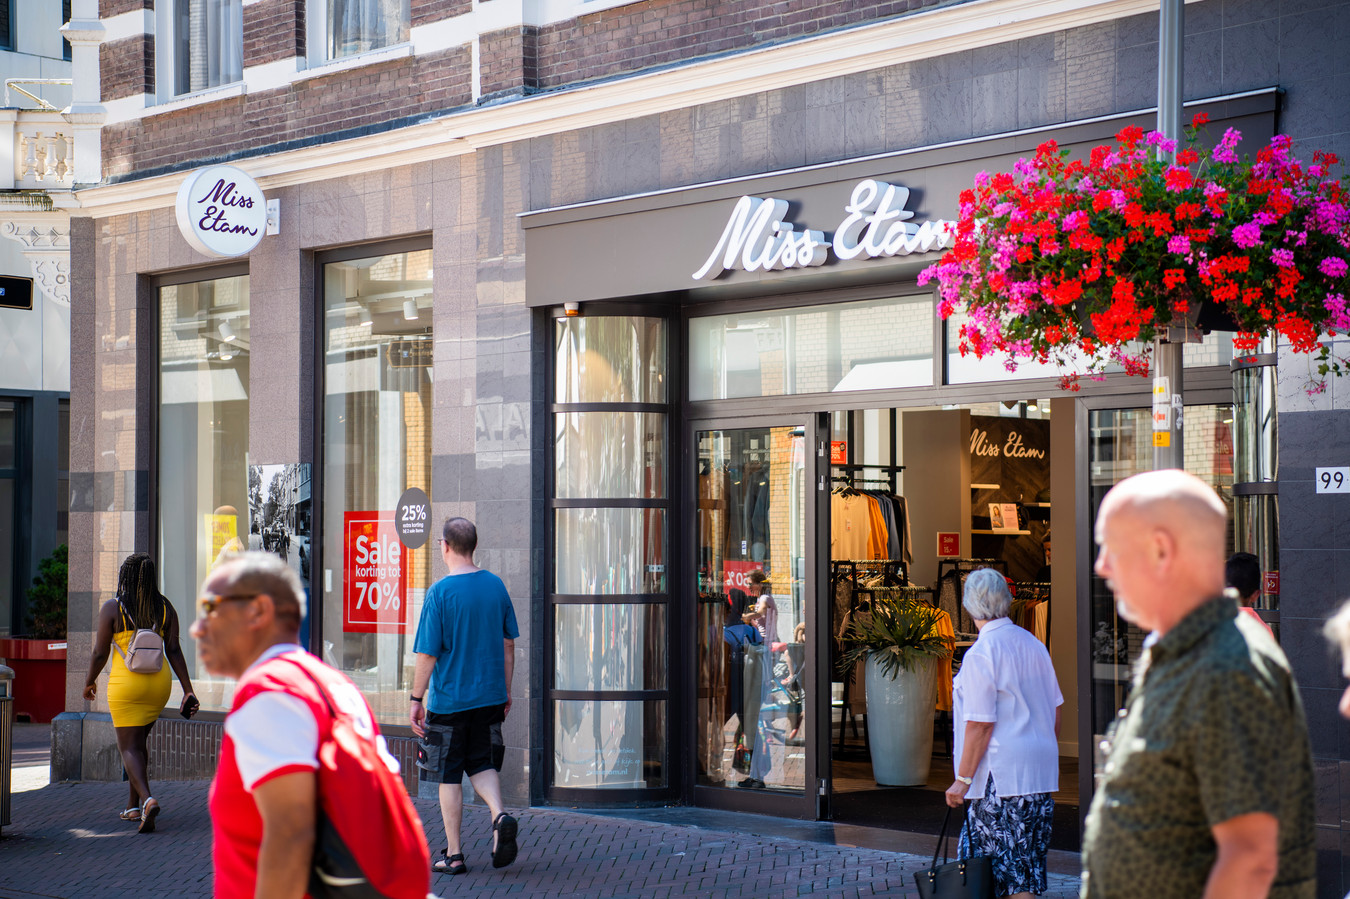 De winkels van onder meer Miss Etam blijven voorlopig open.